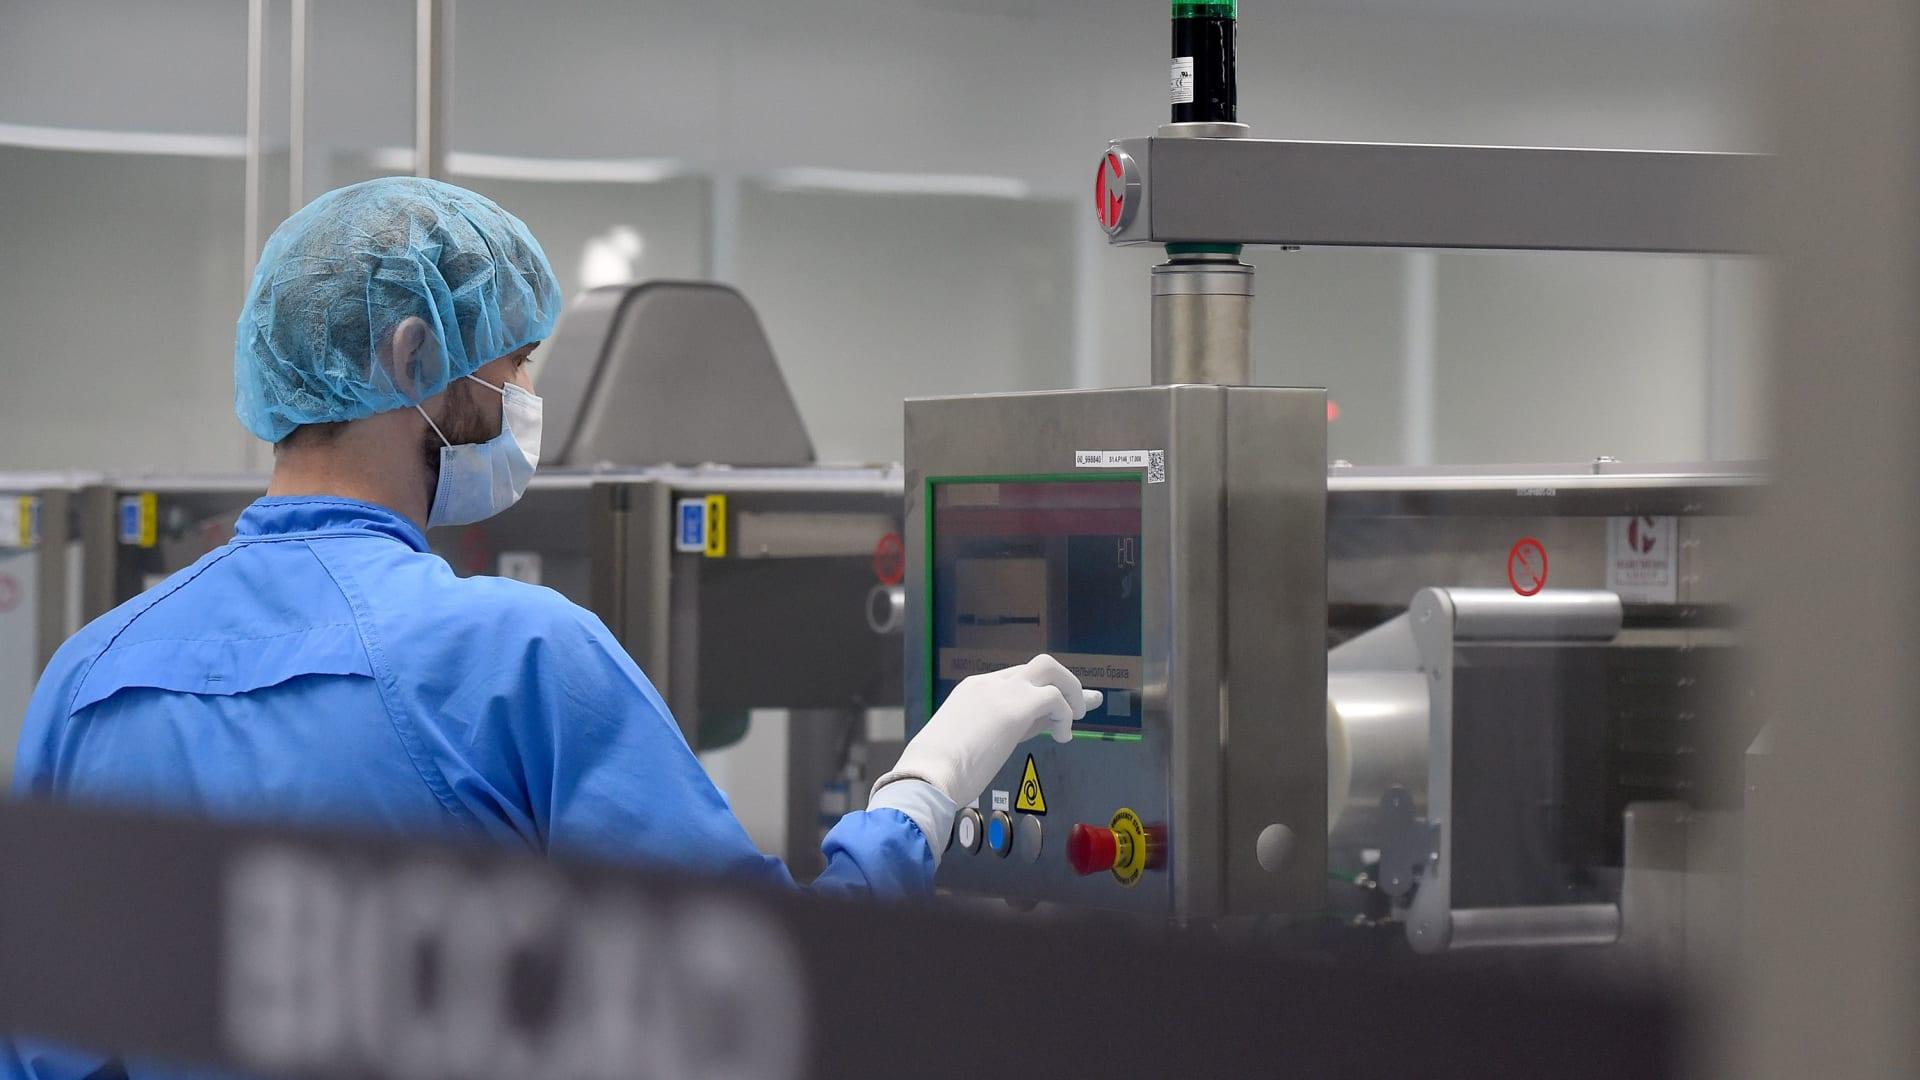 روسيا تعتزم الموافقة على لقاح فيروس كورونا خلال أسبوعين